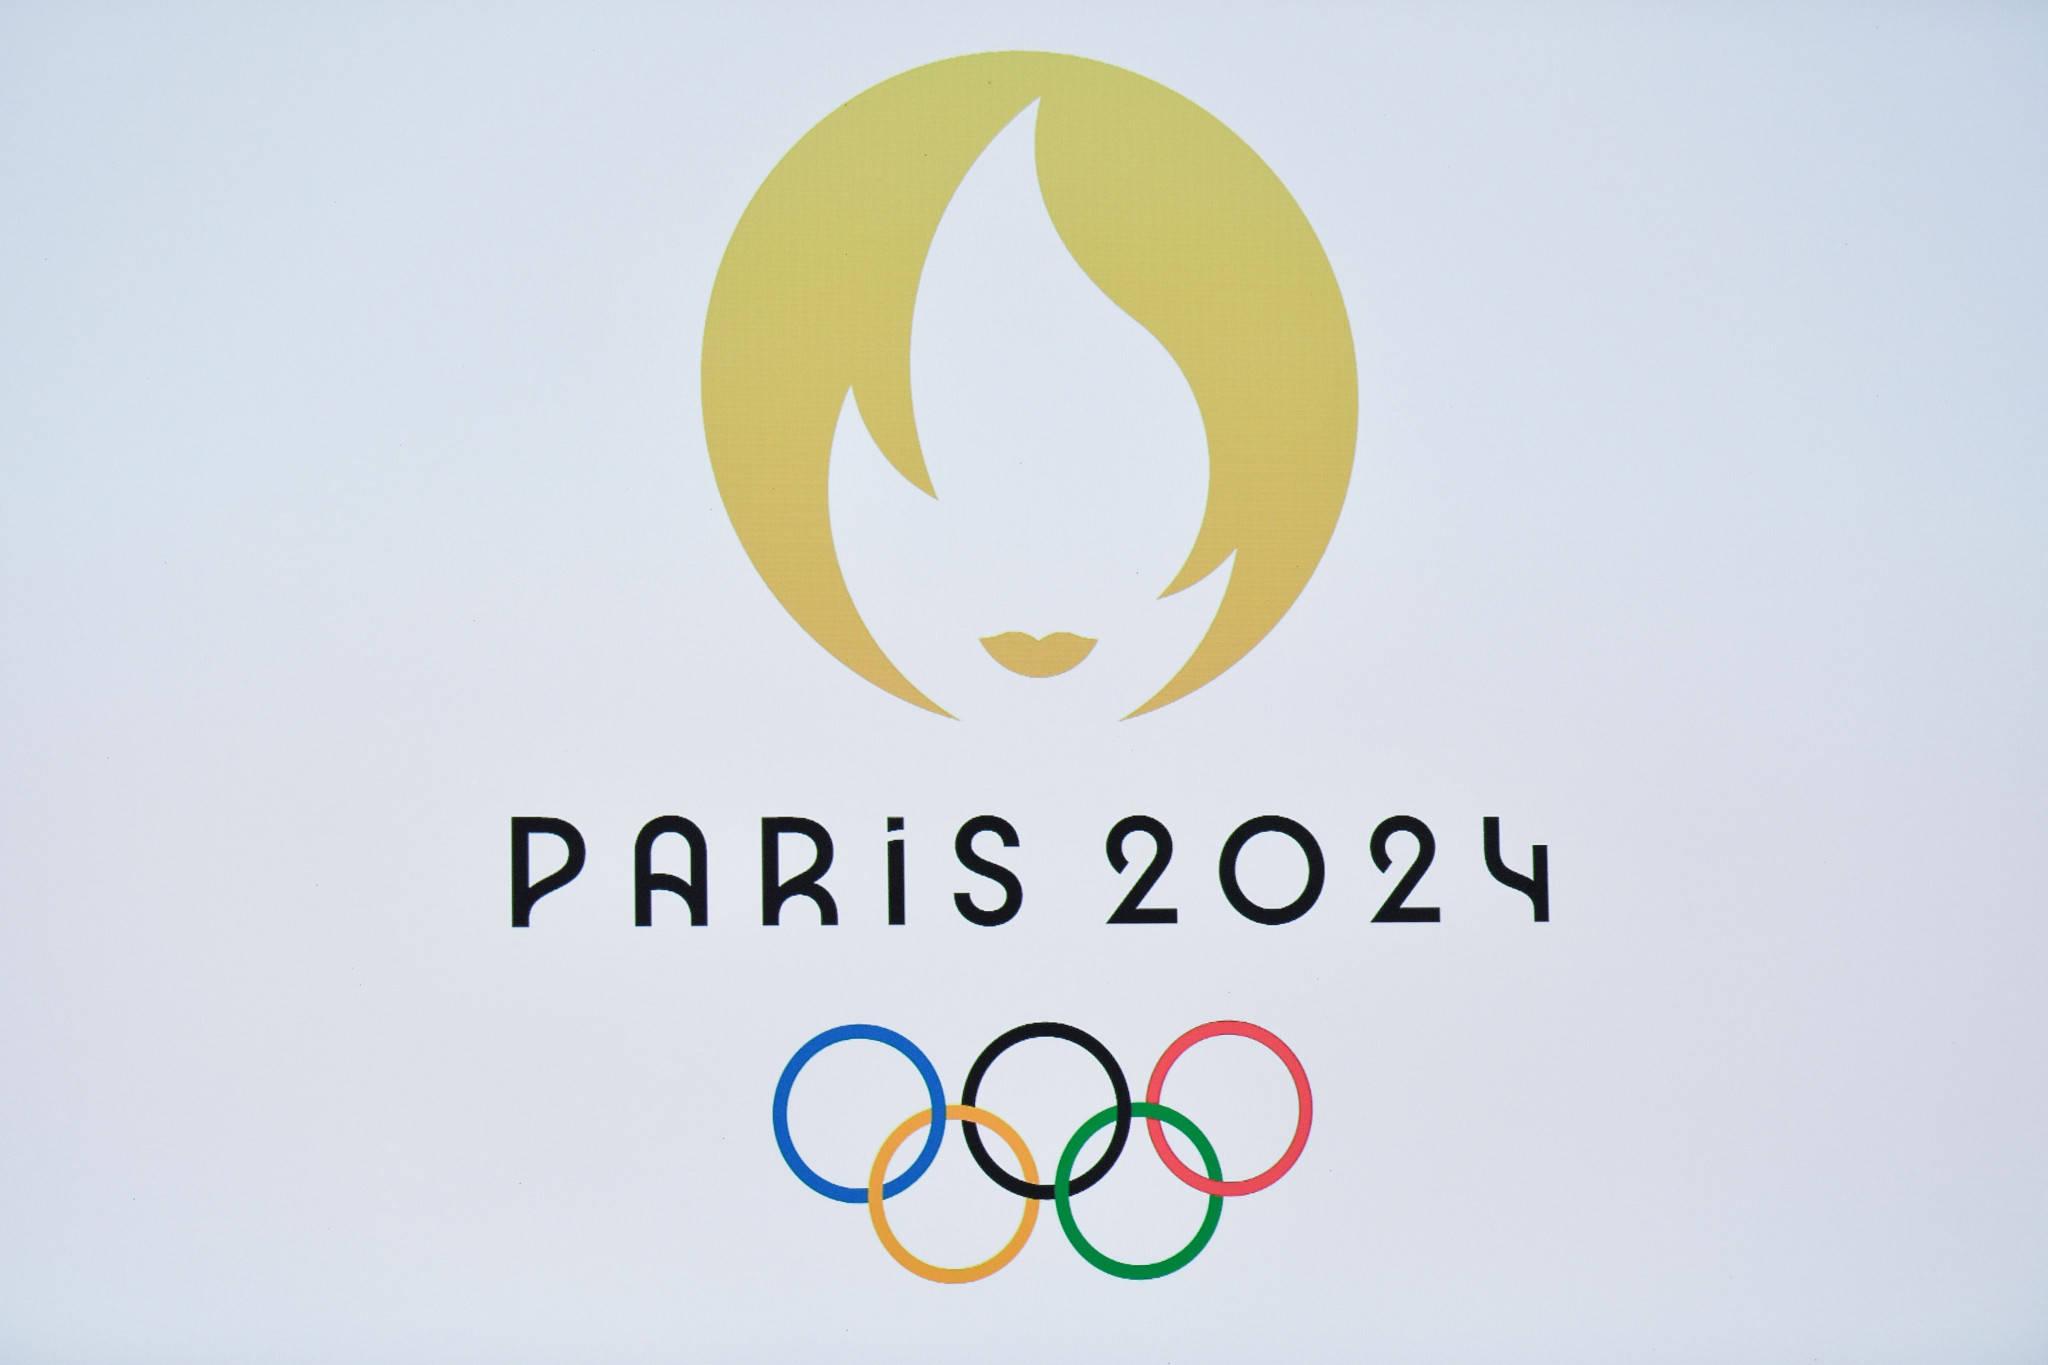 2024巴黎奥运或迎新项目 混合接力越野有望回归